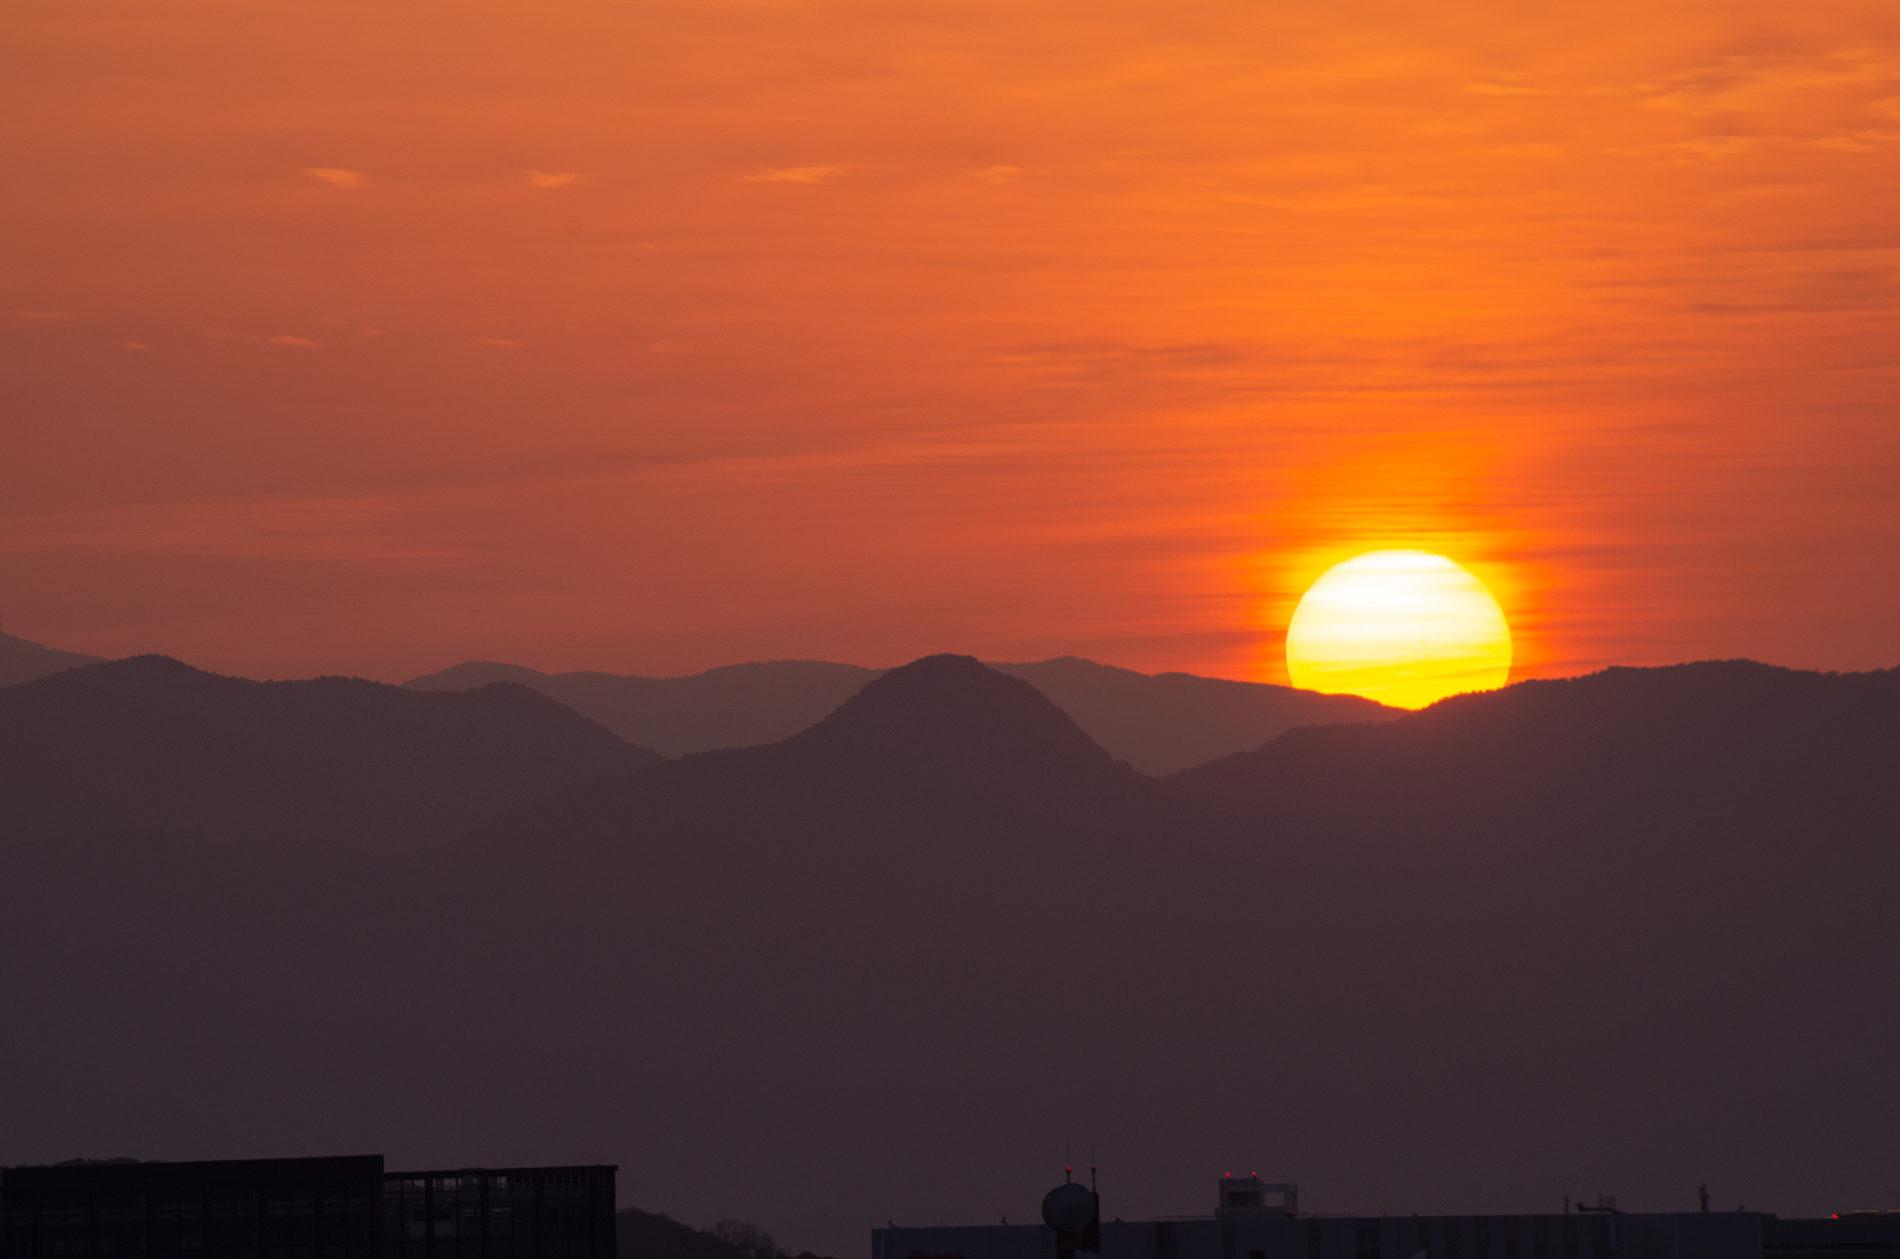 山間に沈む夕陽